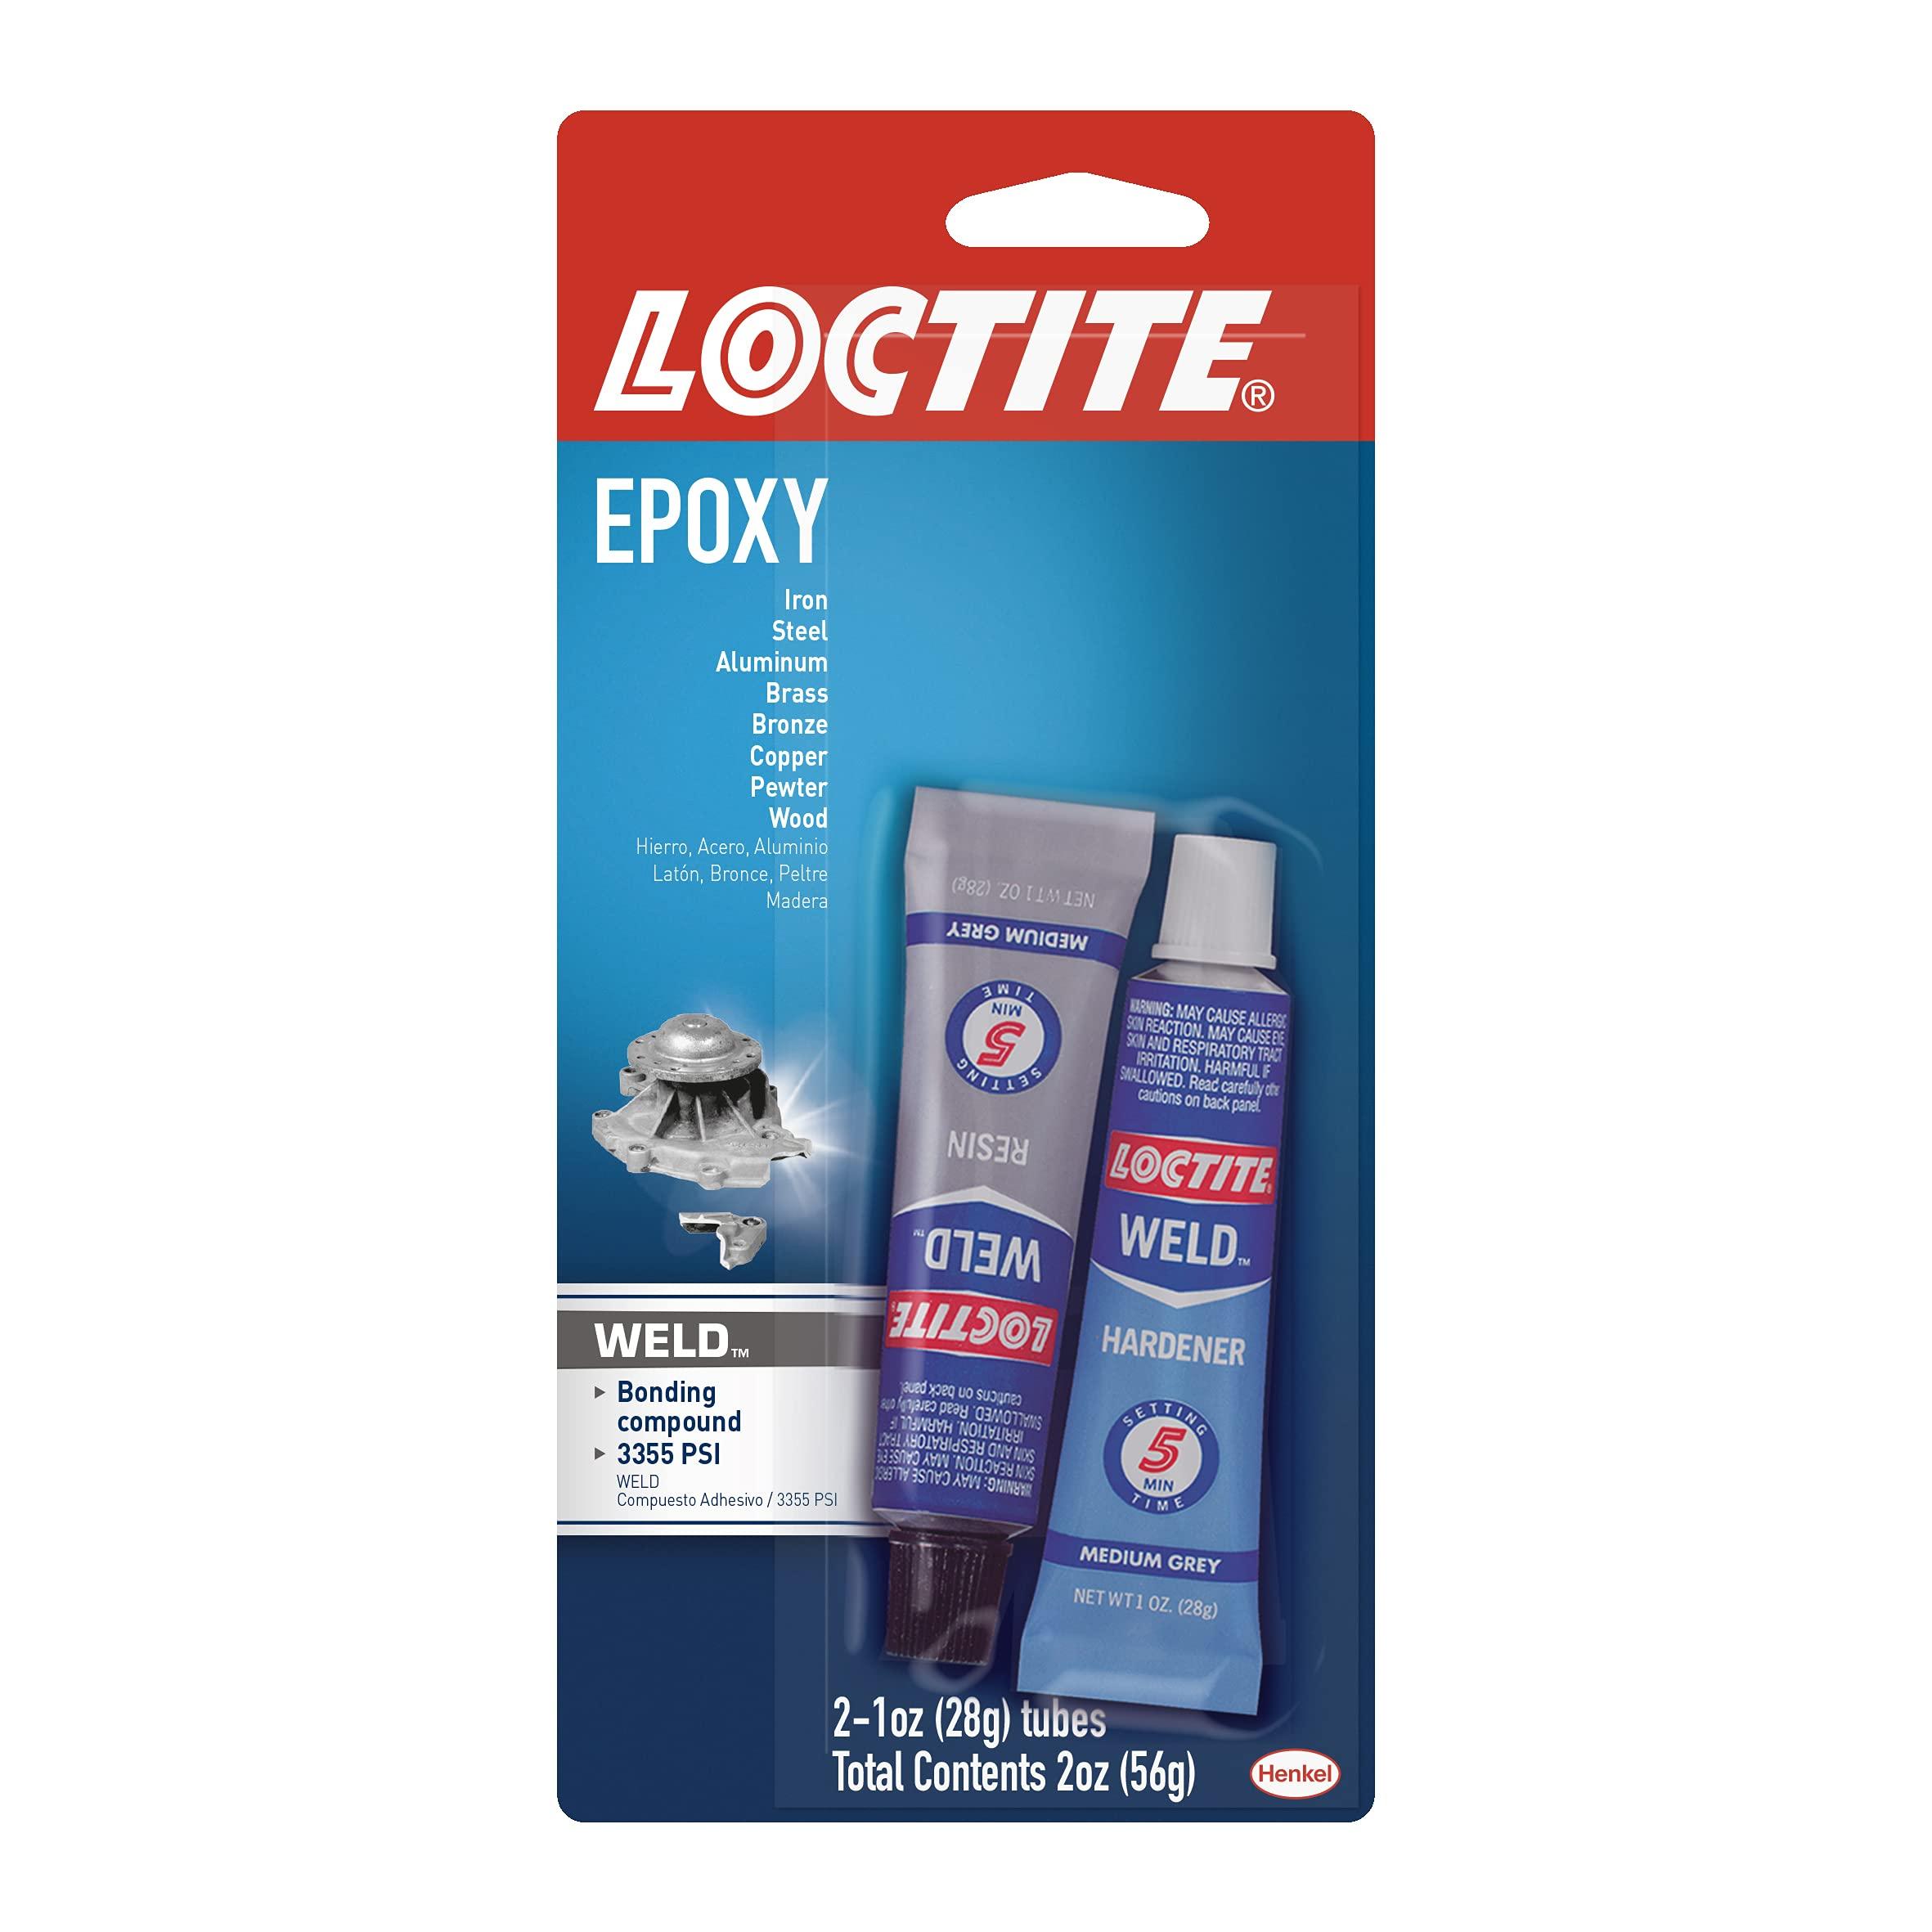 Loctite 1360700 ADHESIVES_AND_SEALANTS, 0.437 CDM